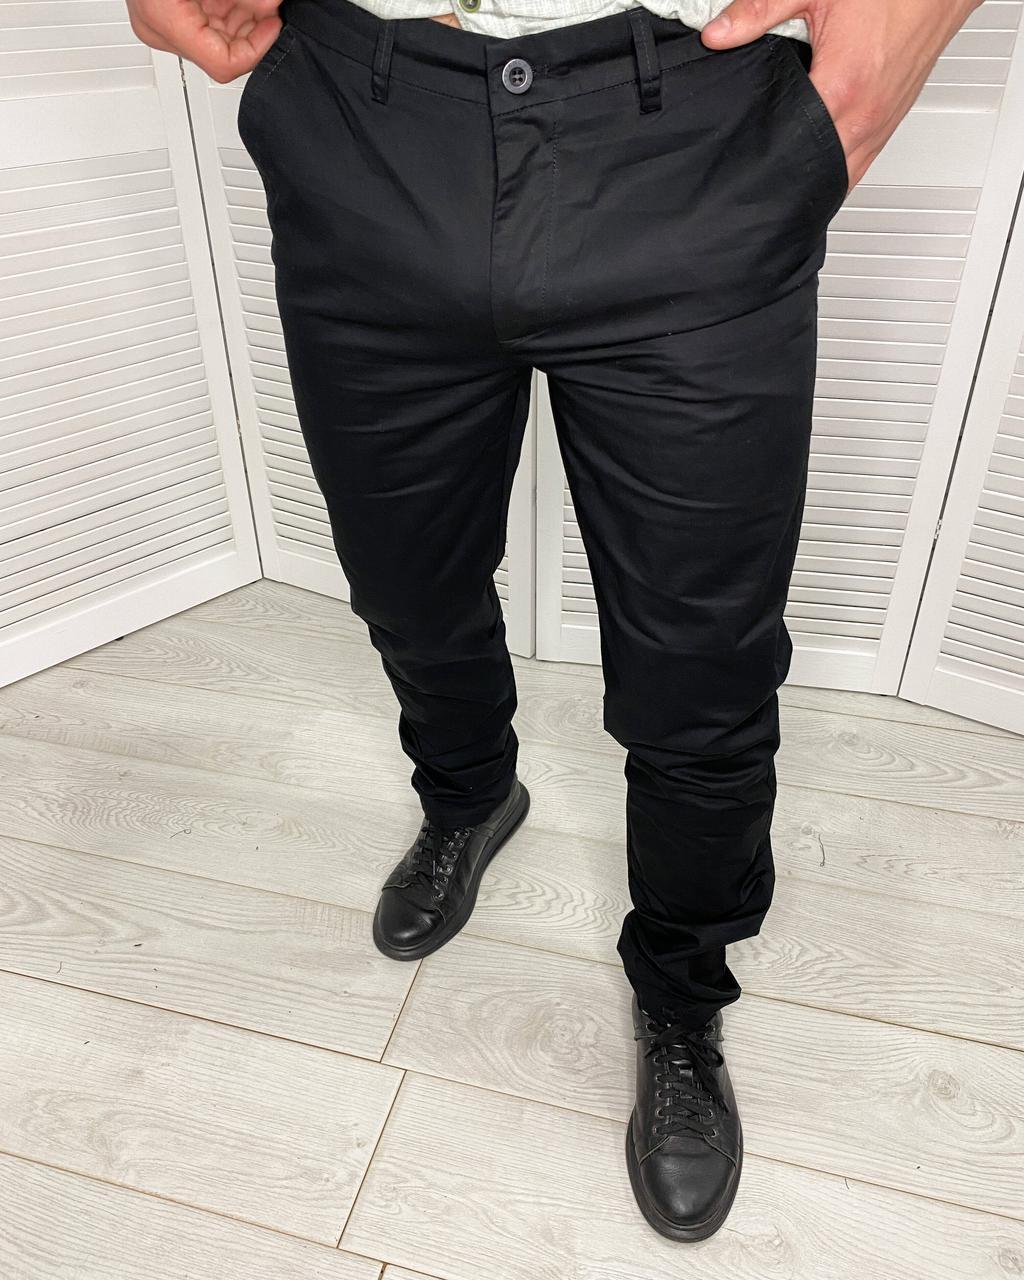 Штани класичні чоловічі Stefano Ricci Чорні, завужені штани для чоловіків